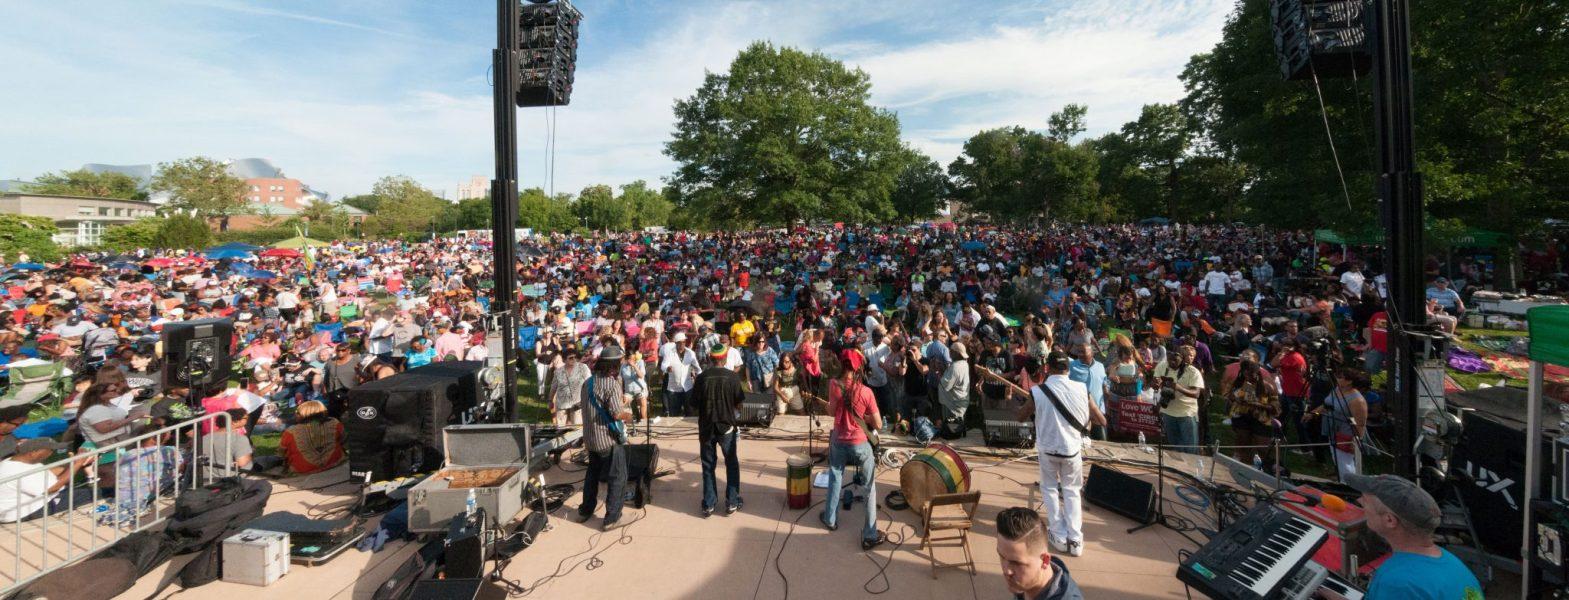 A Summer Retrospective: Carlos Jones and the P.L.U.S. Band